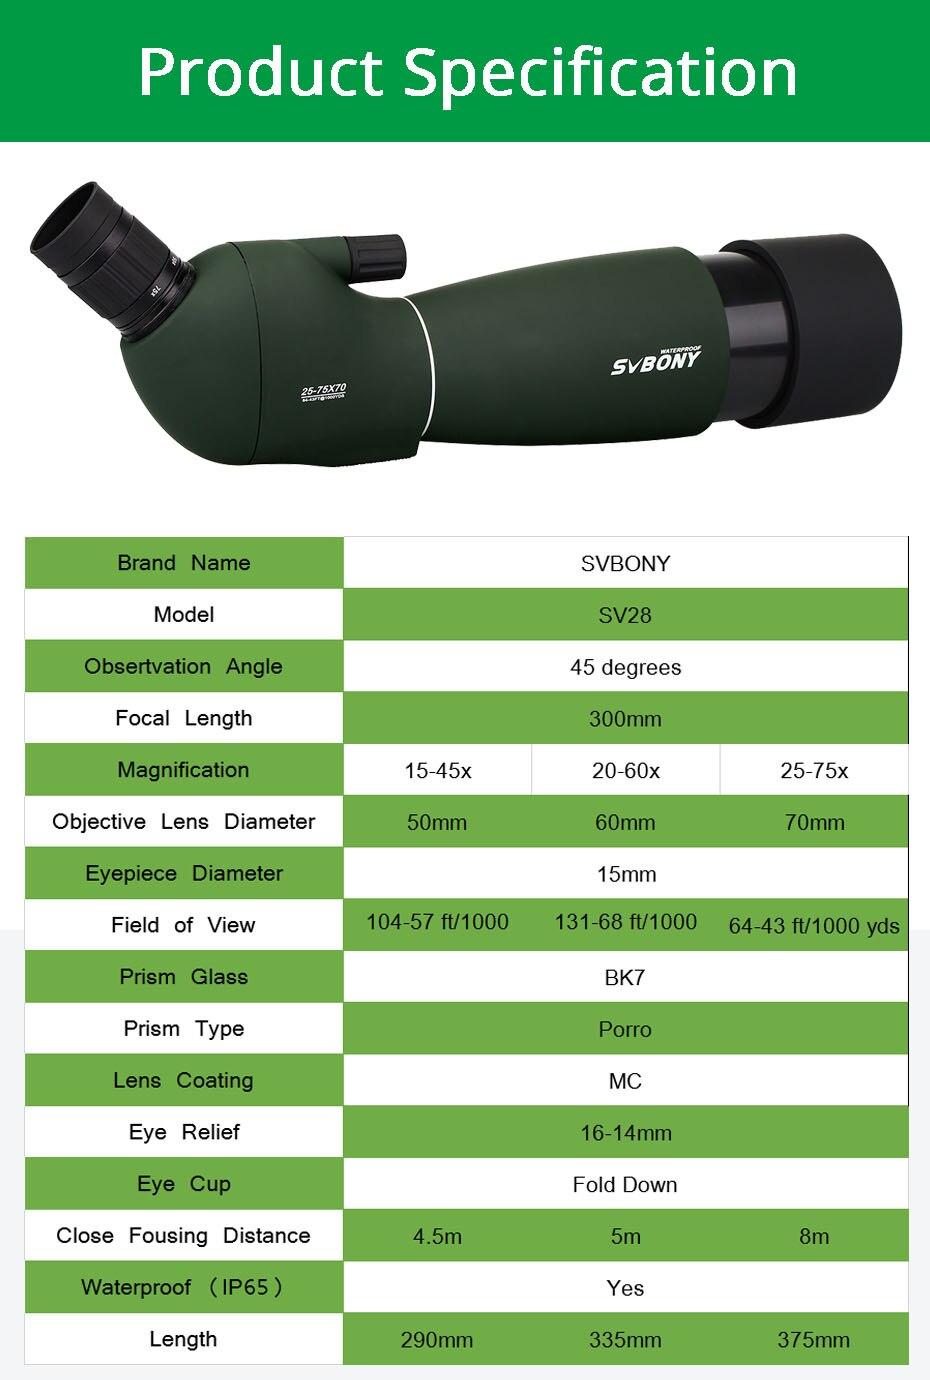 Svbony SV28 50/60/70mm longue-vue Zoom télescope étanche montre à oiseaux chasse monoculaire et universel adaptateur de téléphone optique pour la chasse, le tir, le tir à l'arc, l'observation des oiseaux - 3